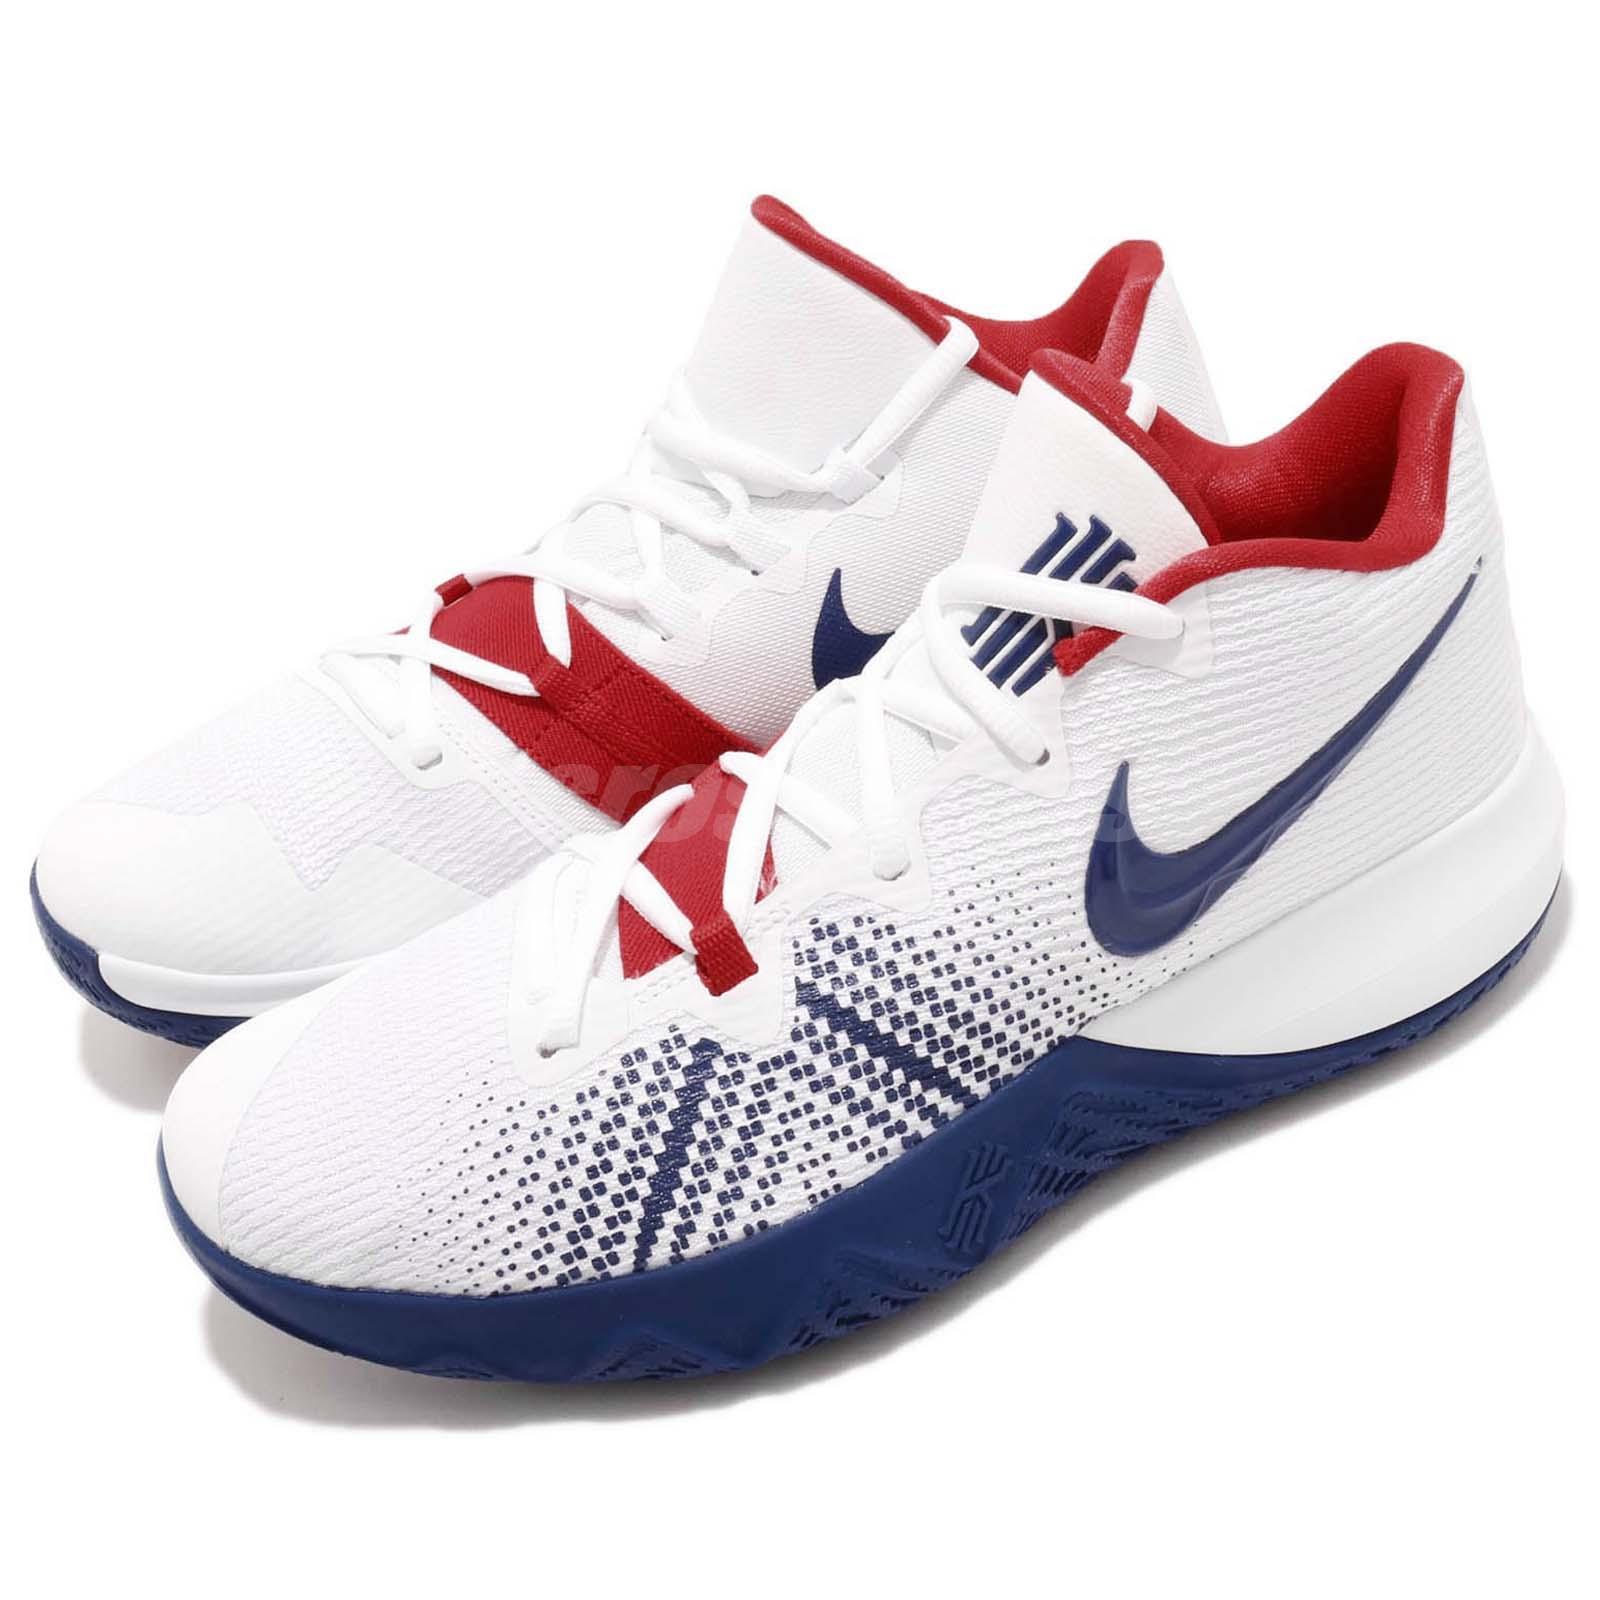 Nike Kyrie Flytrap EP Irving White Blue Red Men Basketball ...